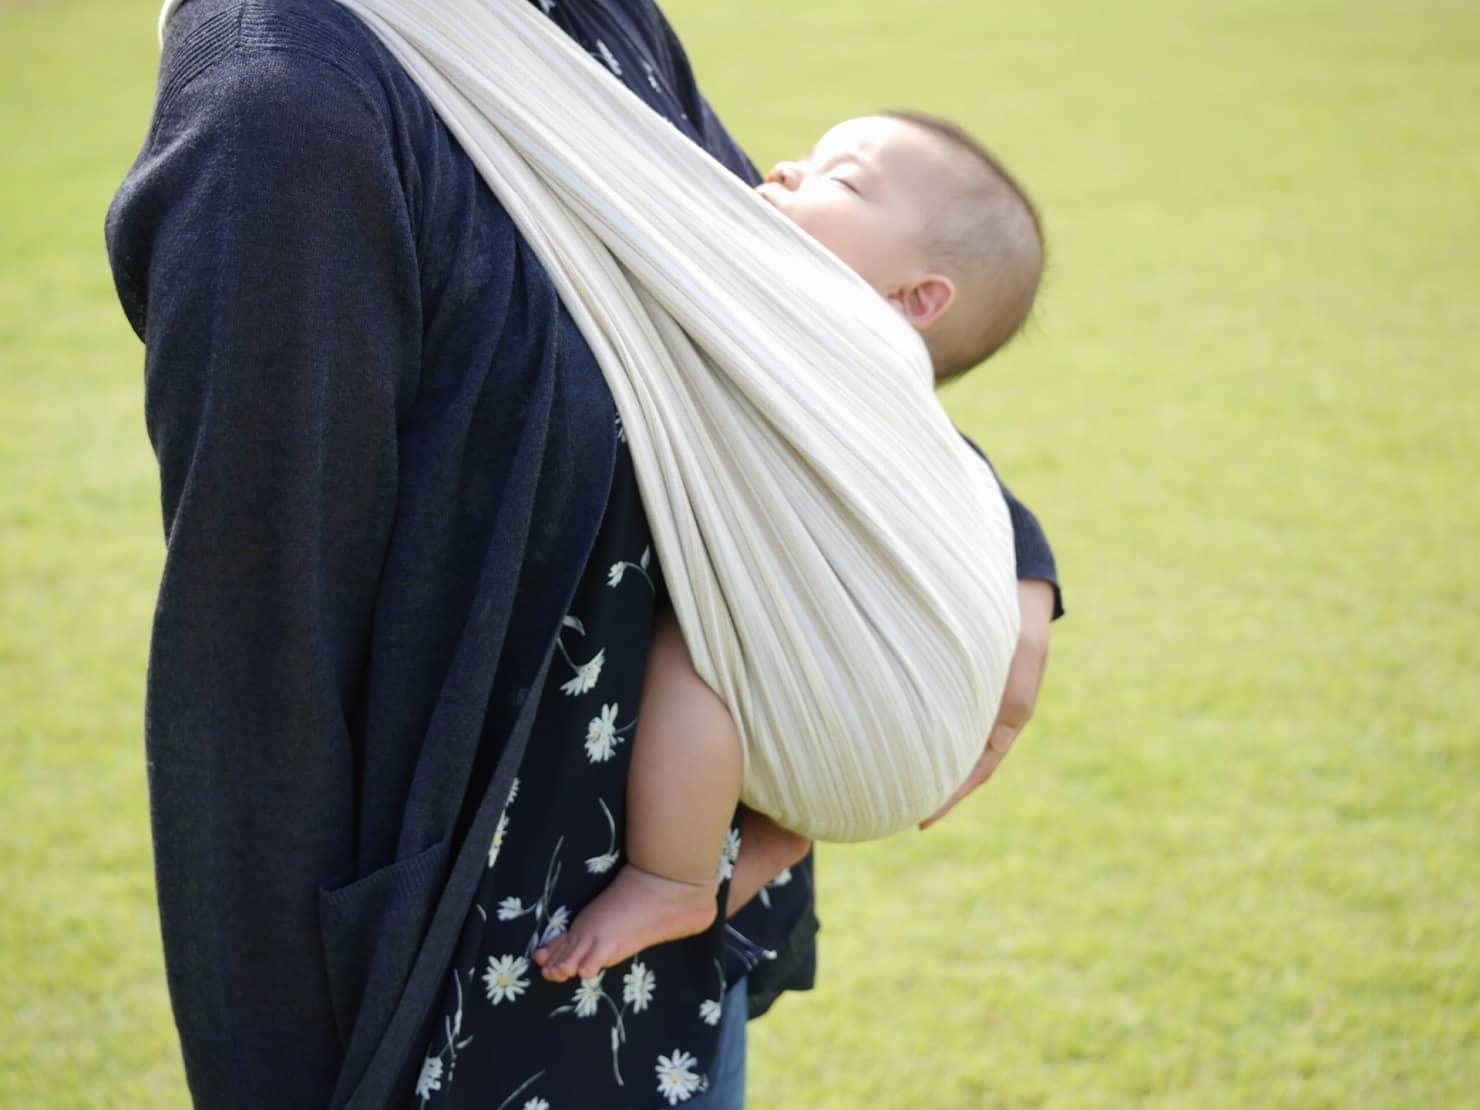 新生児から使えるスリングの正しい使い方。抱き方や注意点を徹底解説